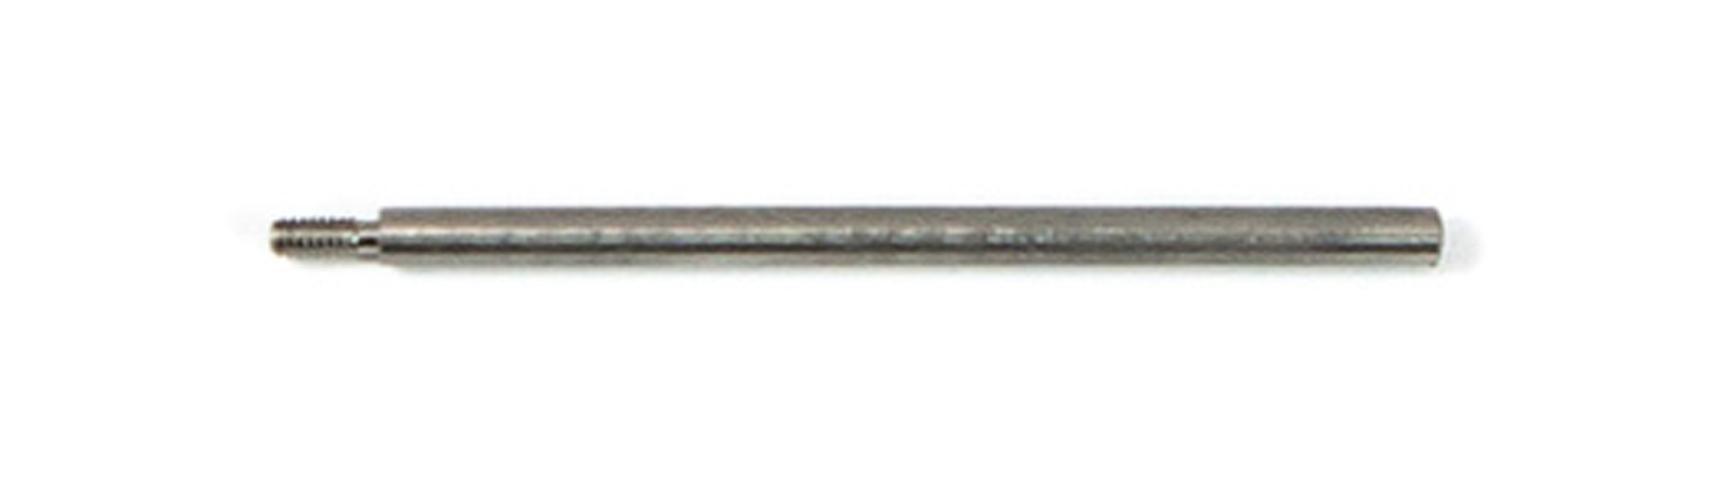 Key Rod Screw - 48.5mm*2.48mm 6BA thread